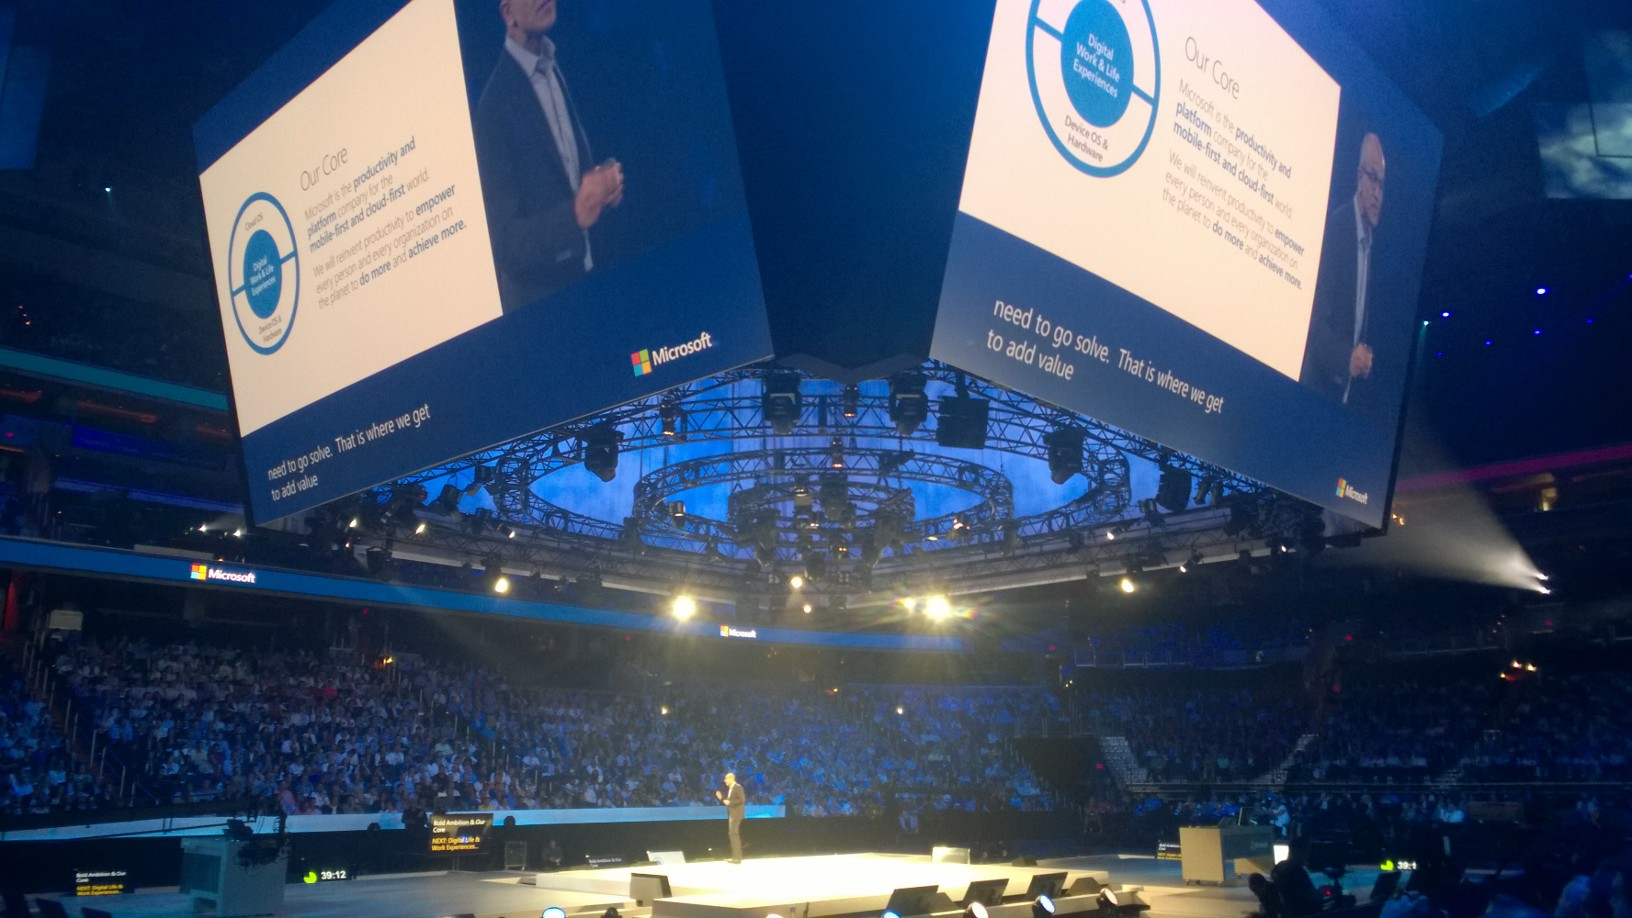 Mobile first – cloud first, reinventare la produttività, opportunità per i partner: BringTech vi racconta il WPC14 che ha vissuto